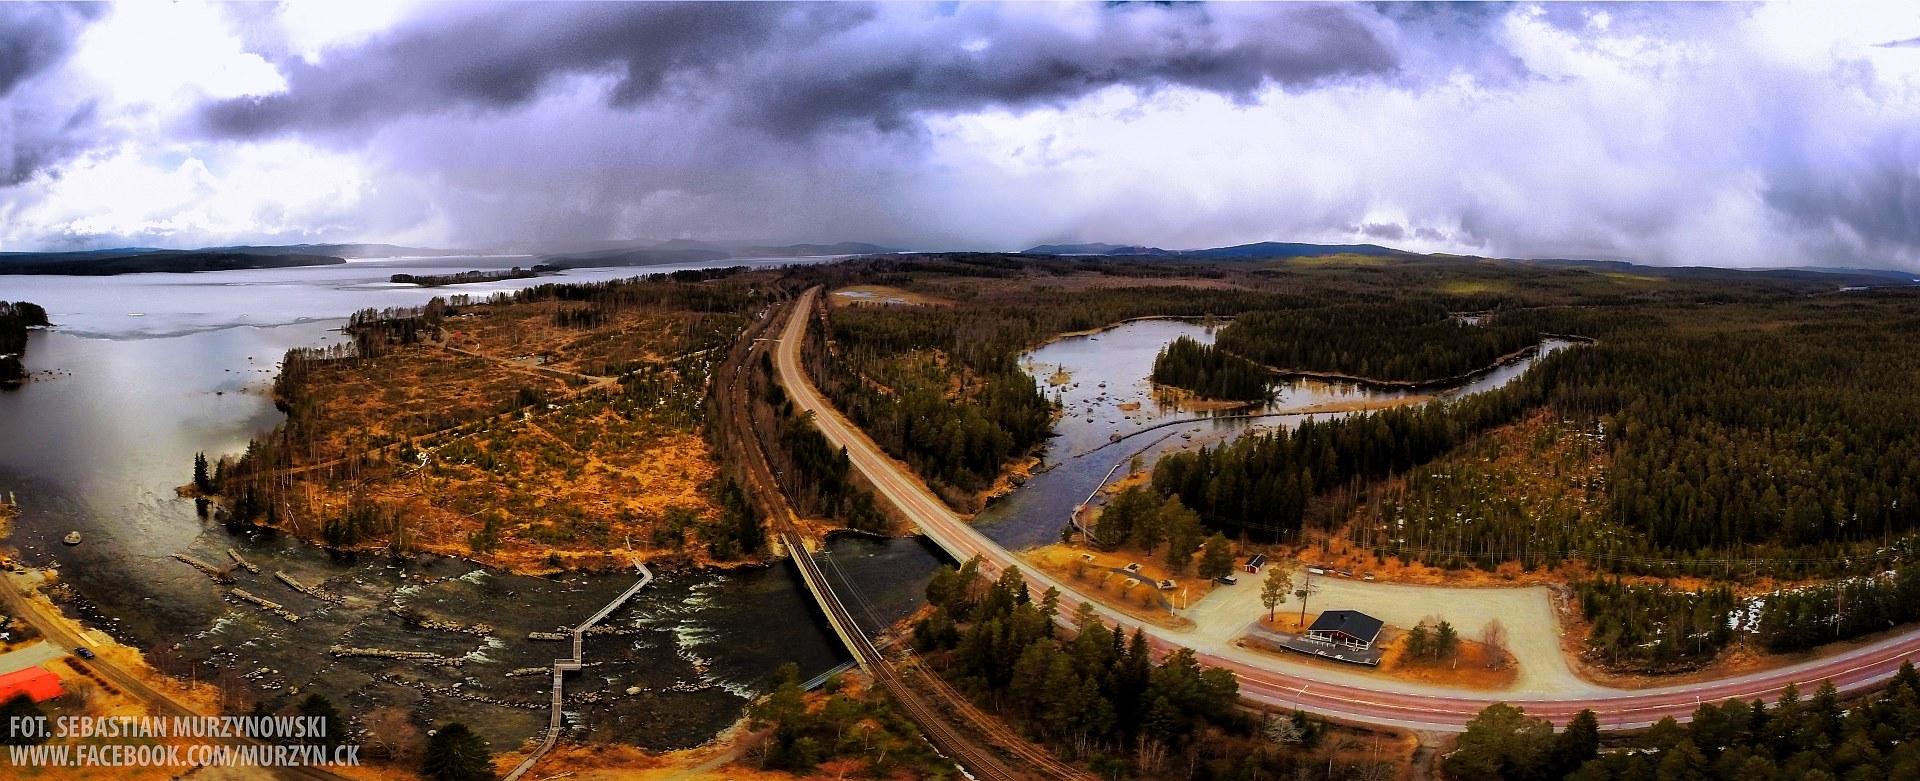 Gimårasten-Sebastian-Murzynowski-foto-bästa-flugfiskevatten-Gimån-Jämtland-Sverige-1.jpg